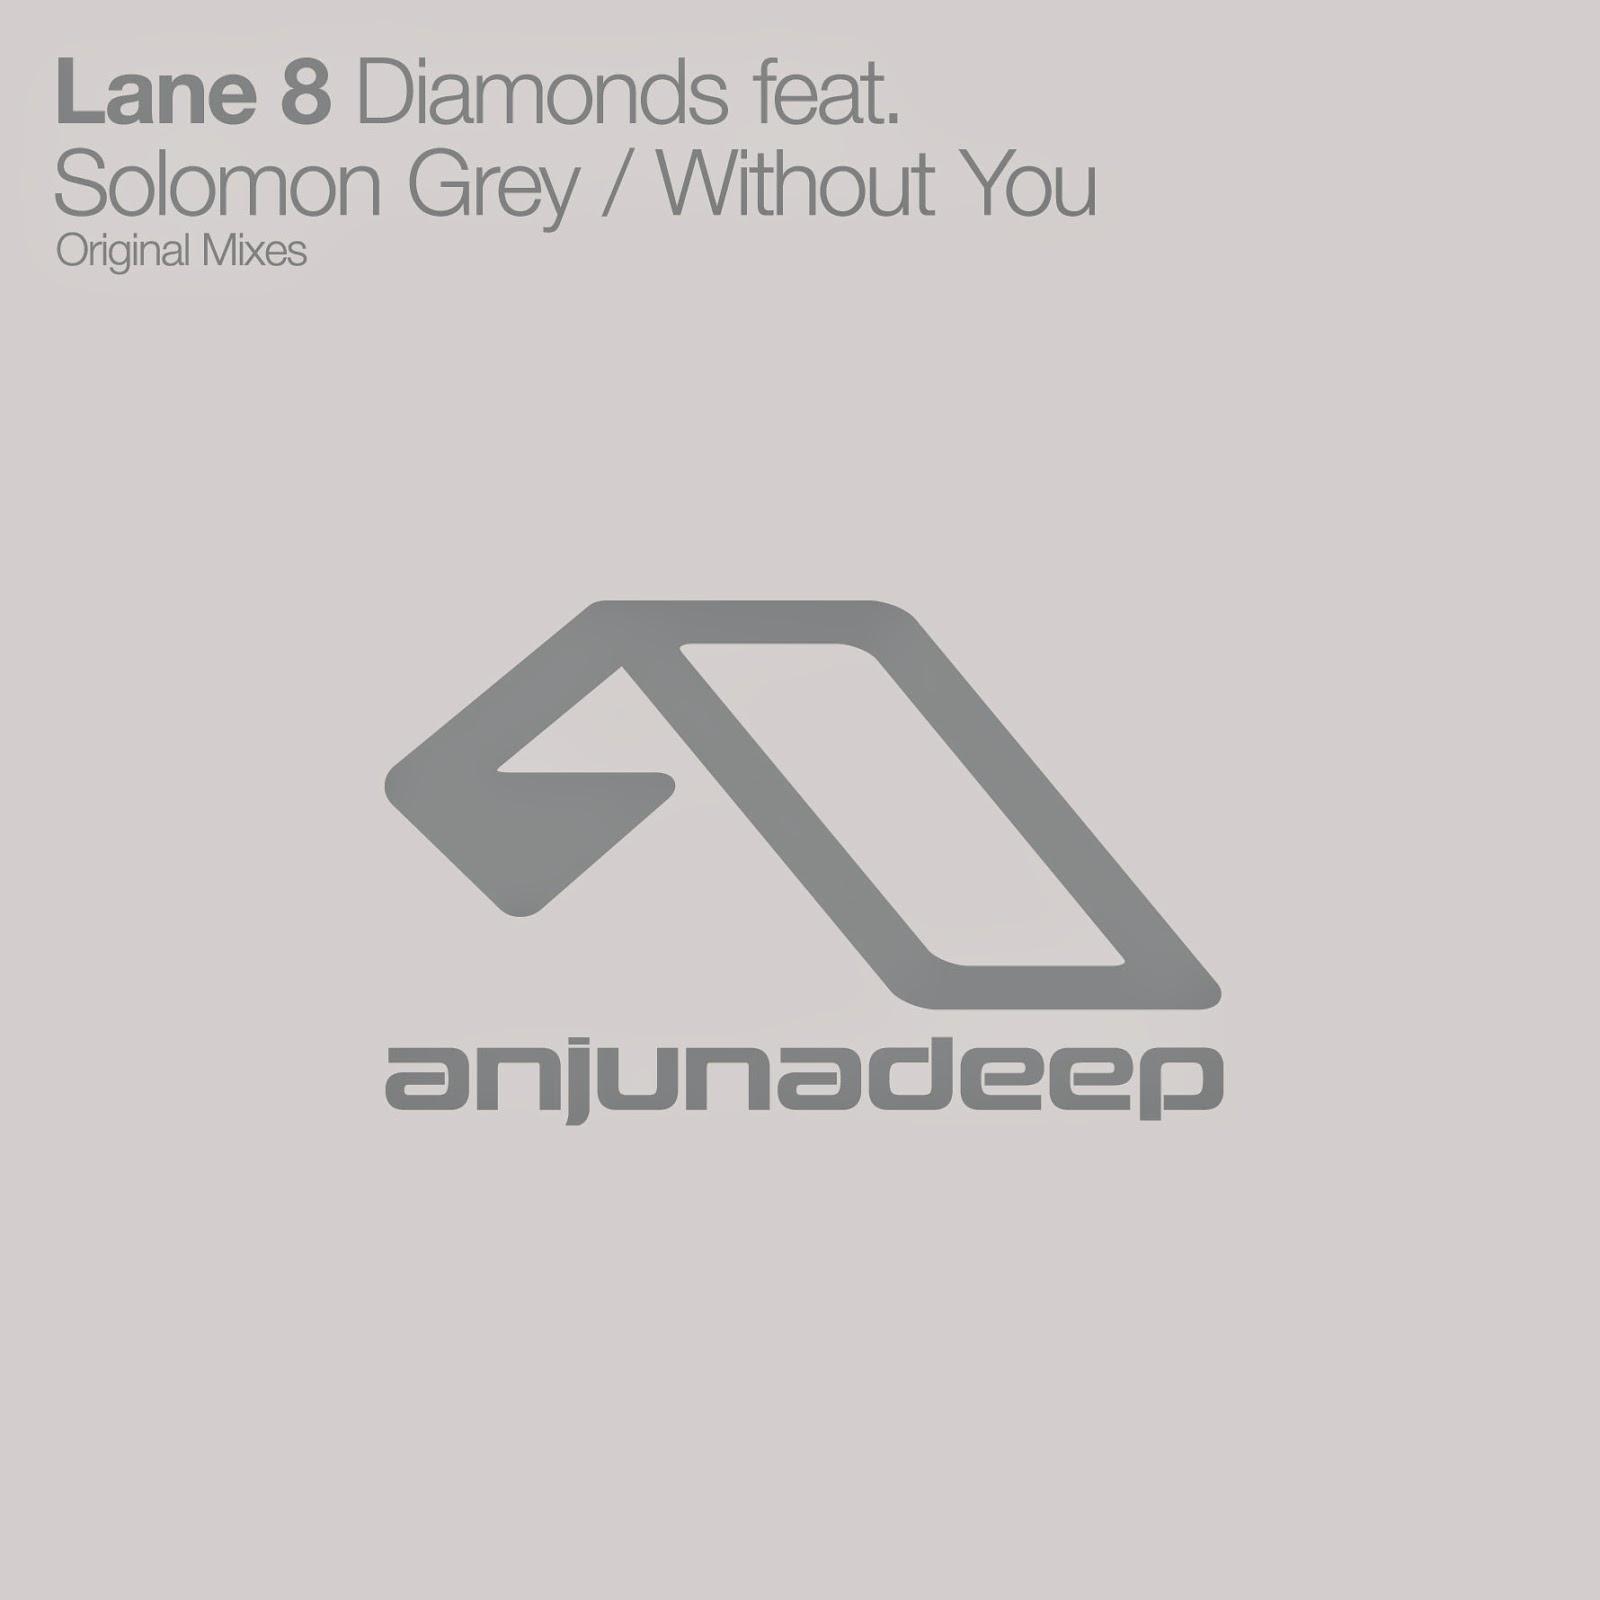 Lane 8 Diamonds ft. Solomon Grey lyrics album cover